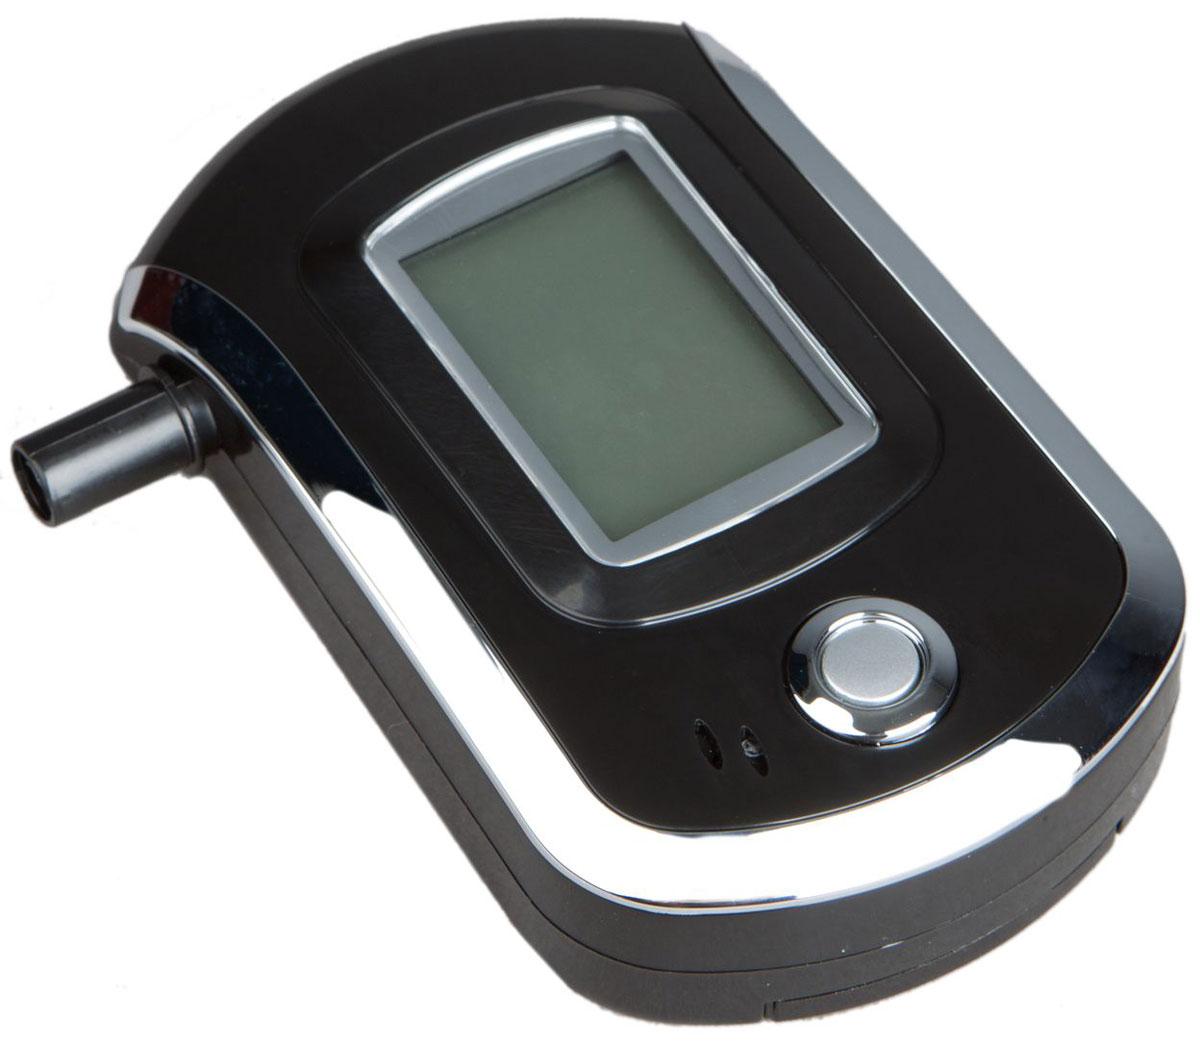 Дельта АТ 300, Black алкотестер - Электроника - Алкотестеры